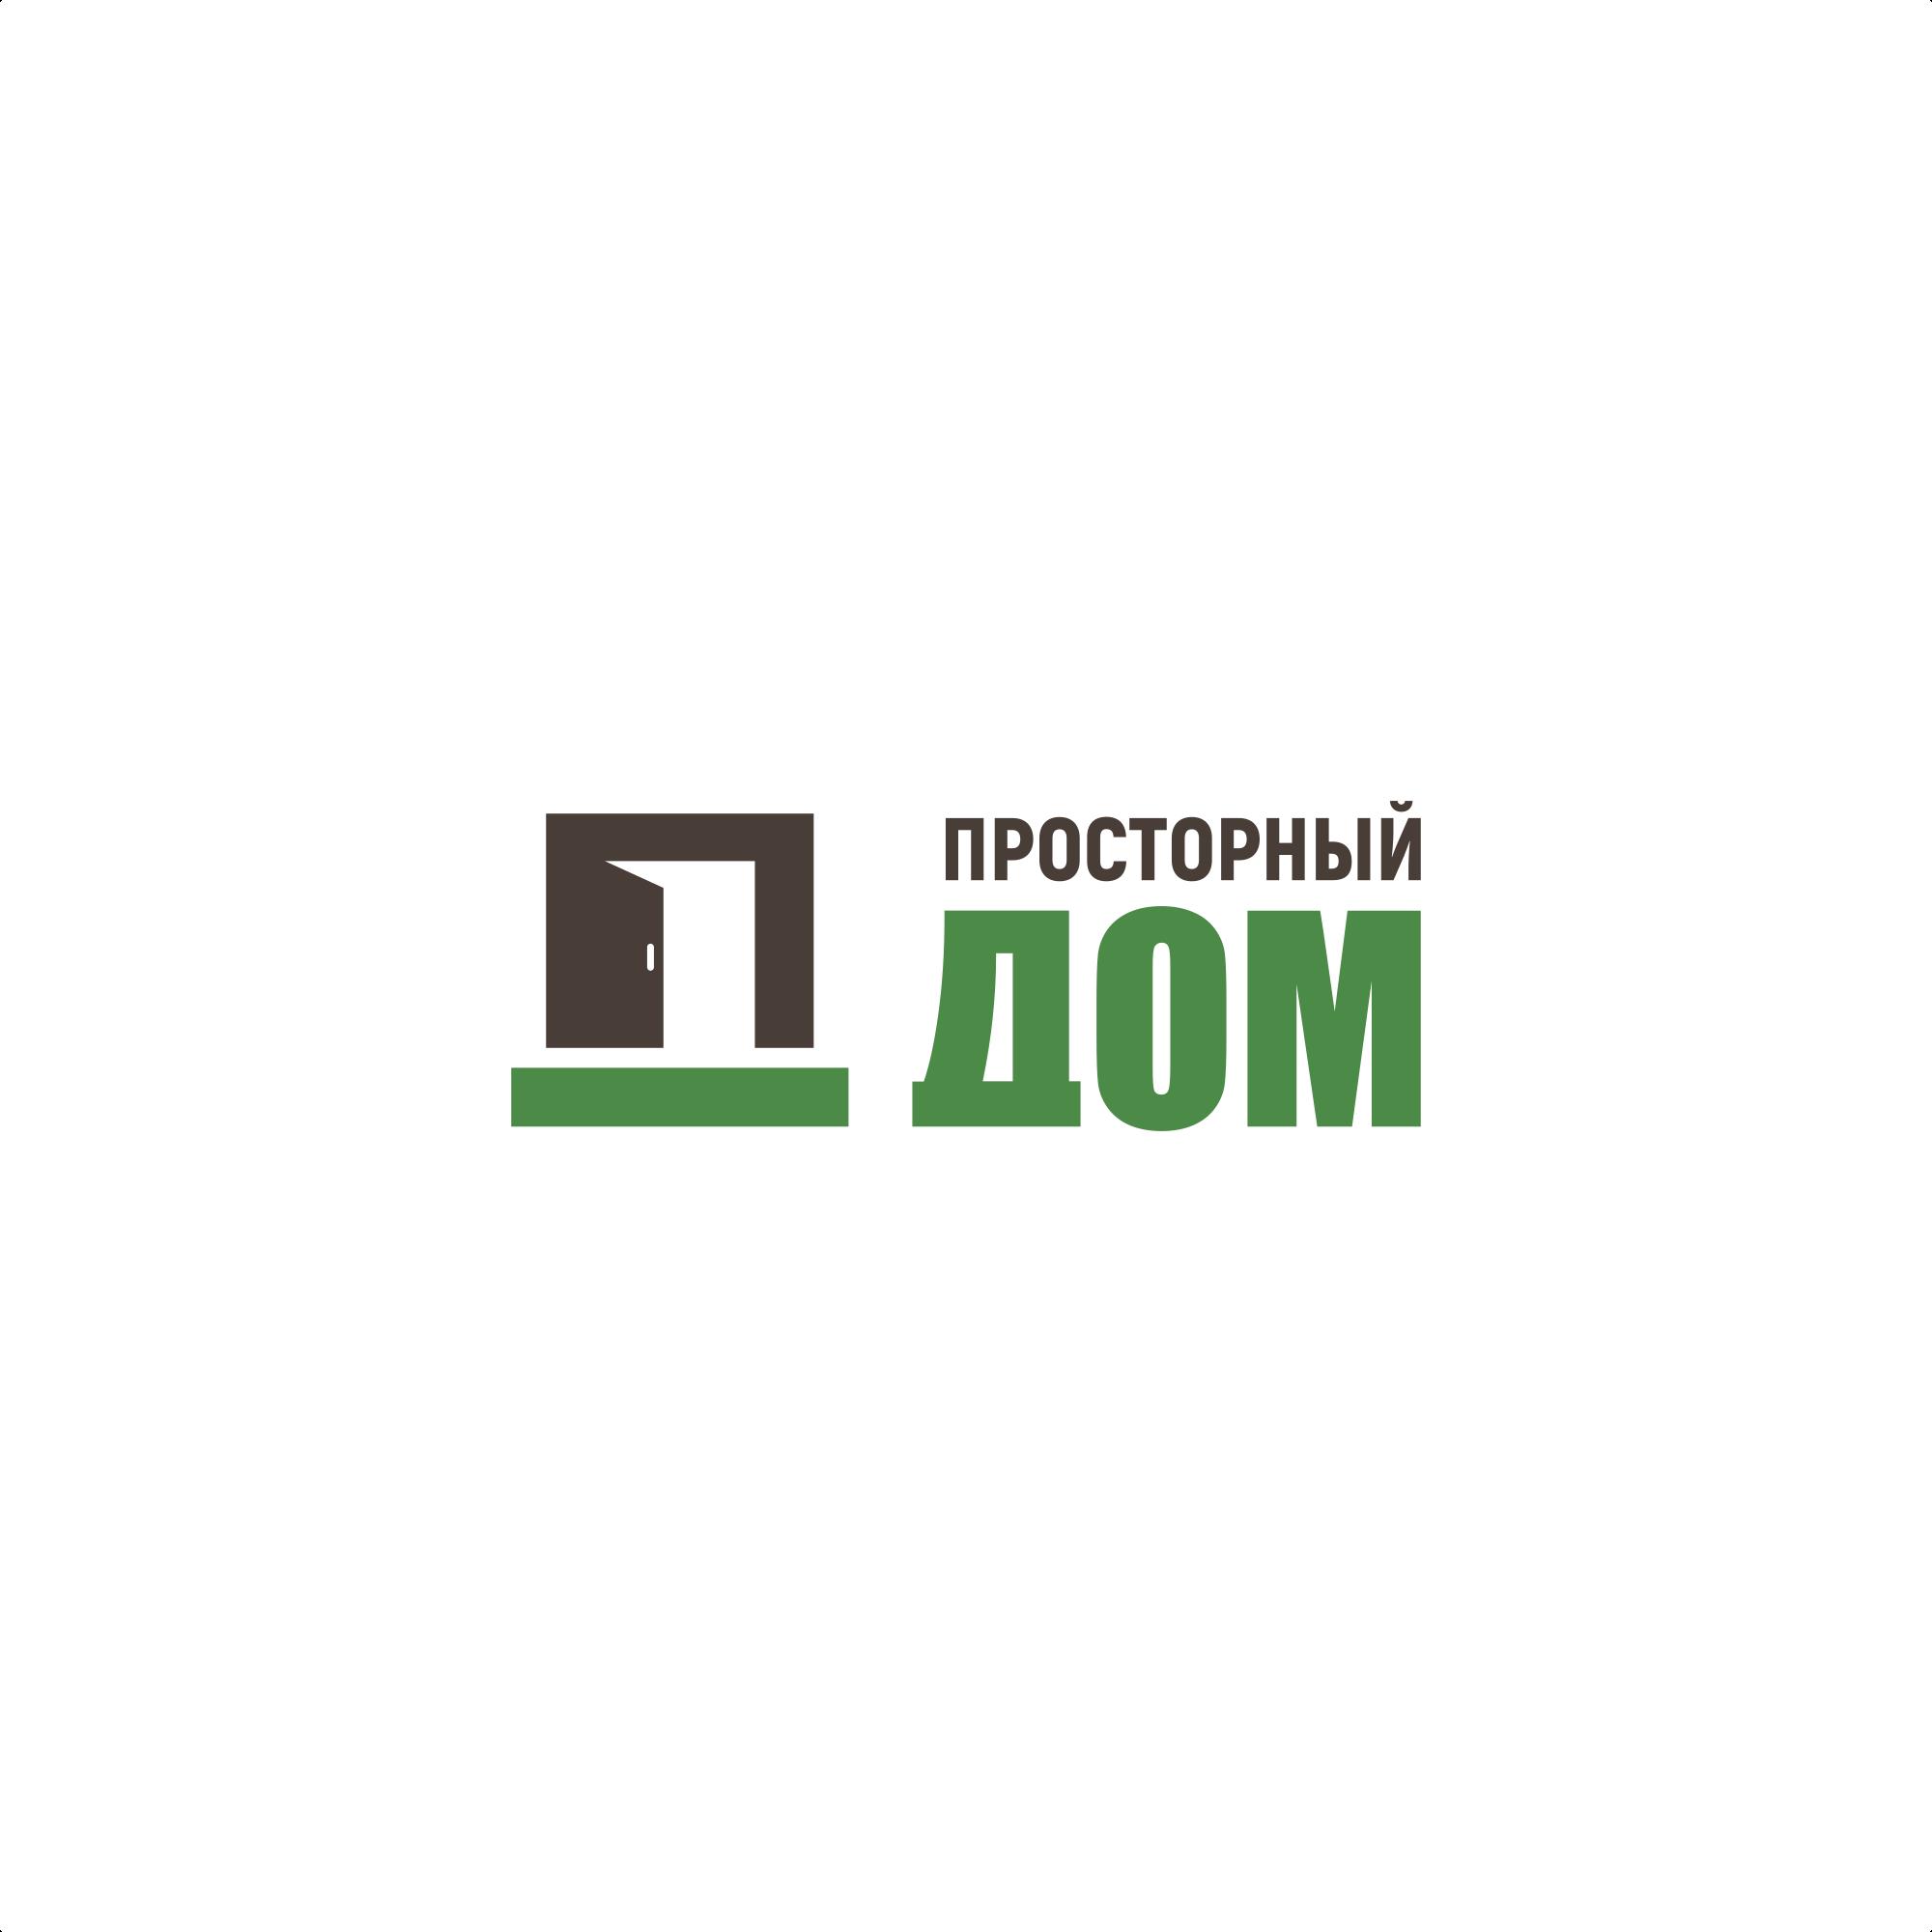 Логотип и фирменный стиль для компании по шкафам-купе фото f_6275b6cde71ef775.png